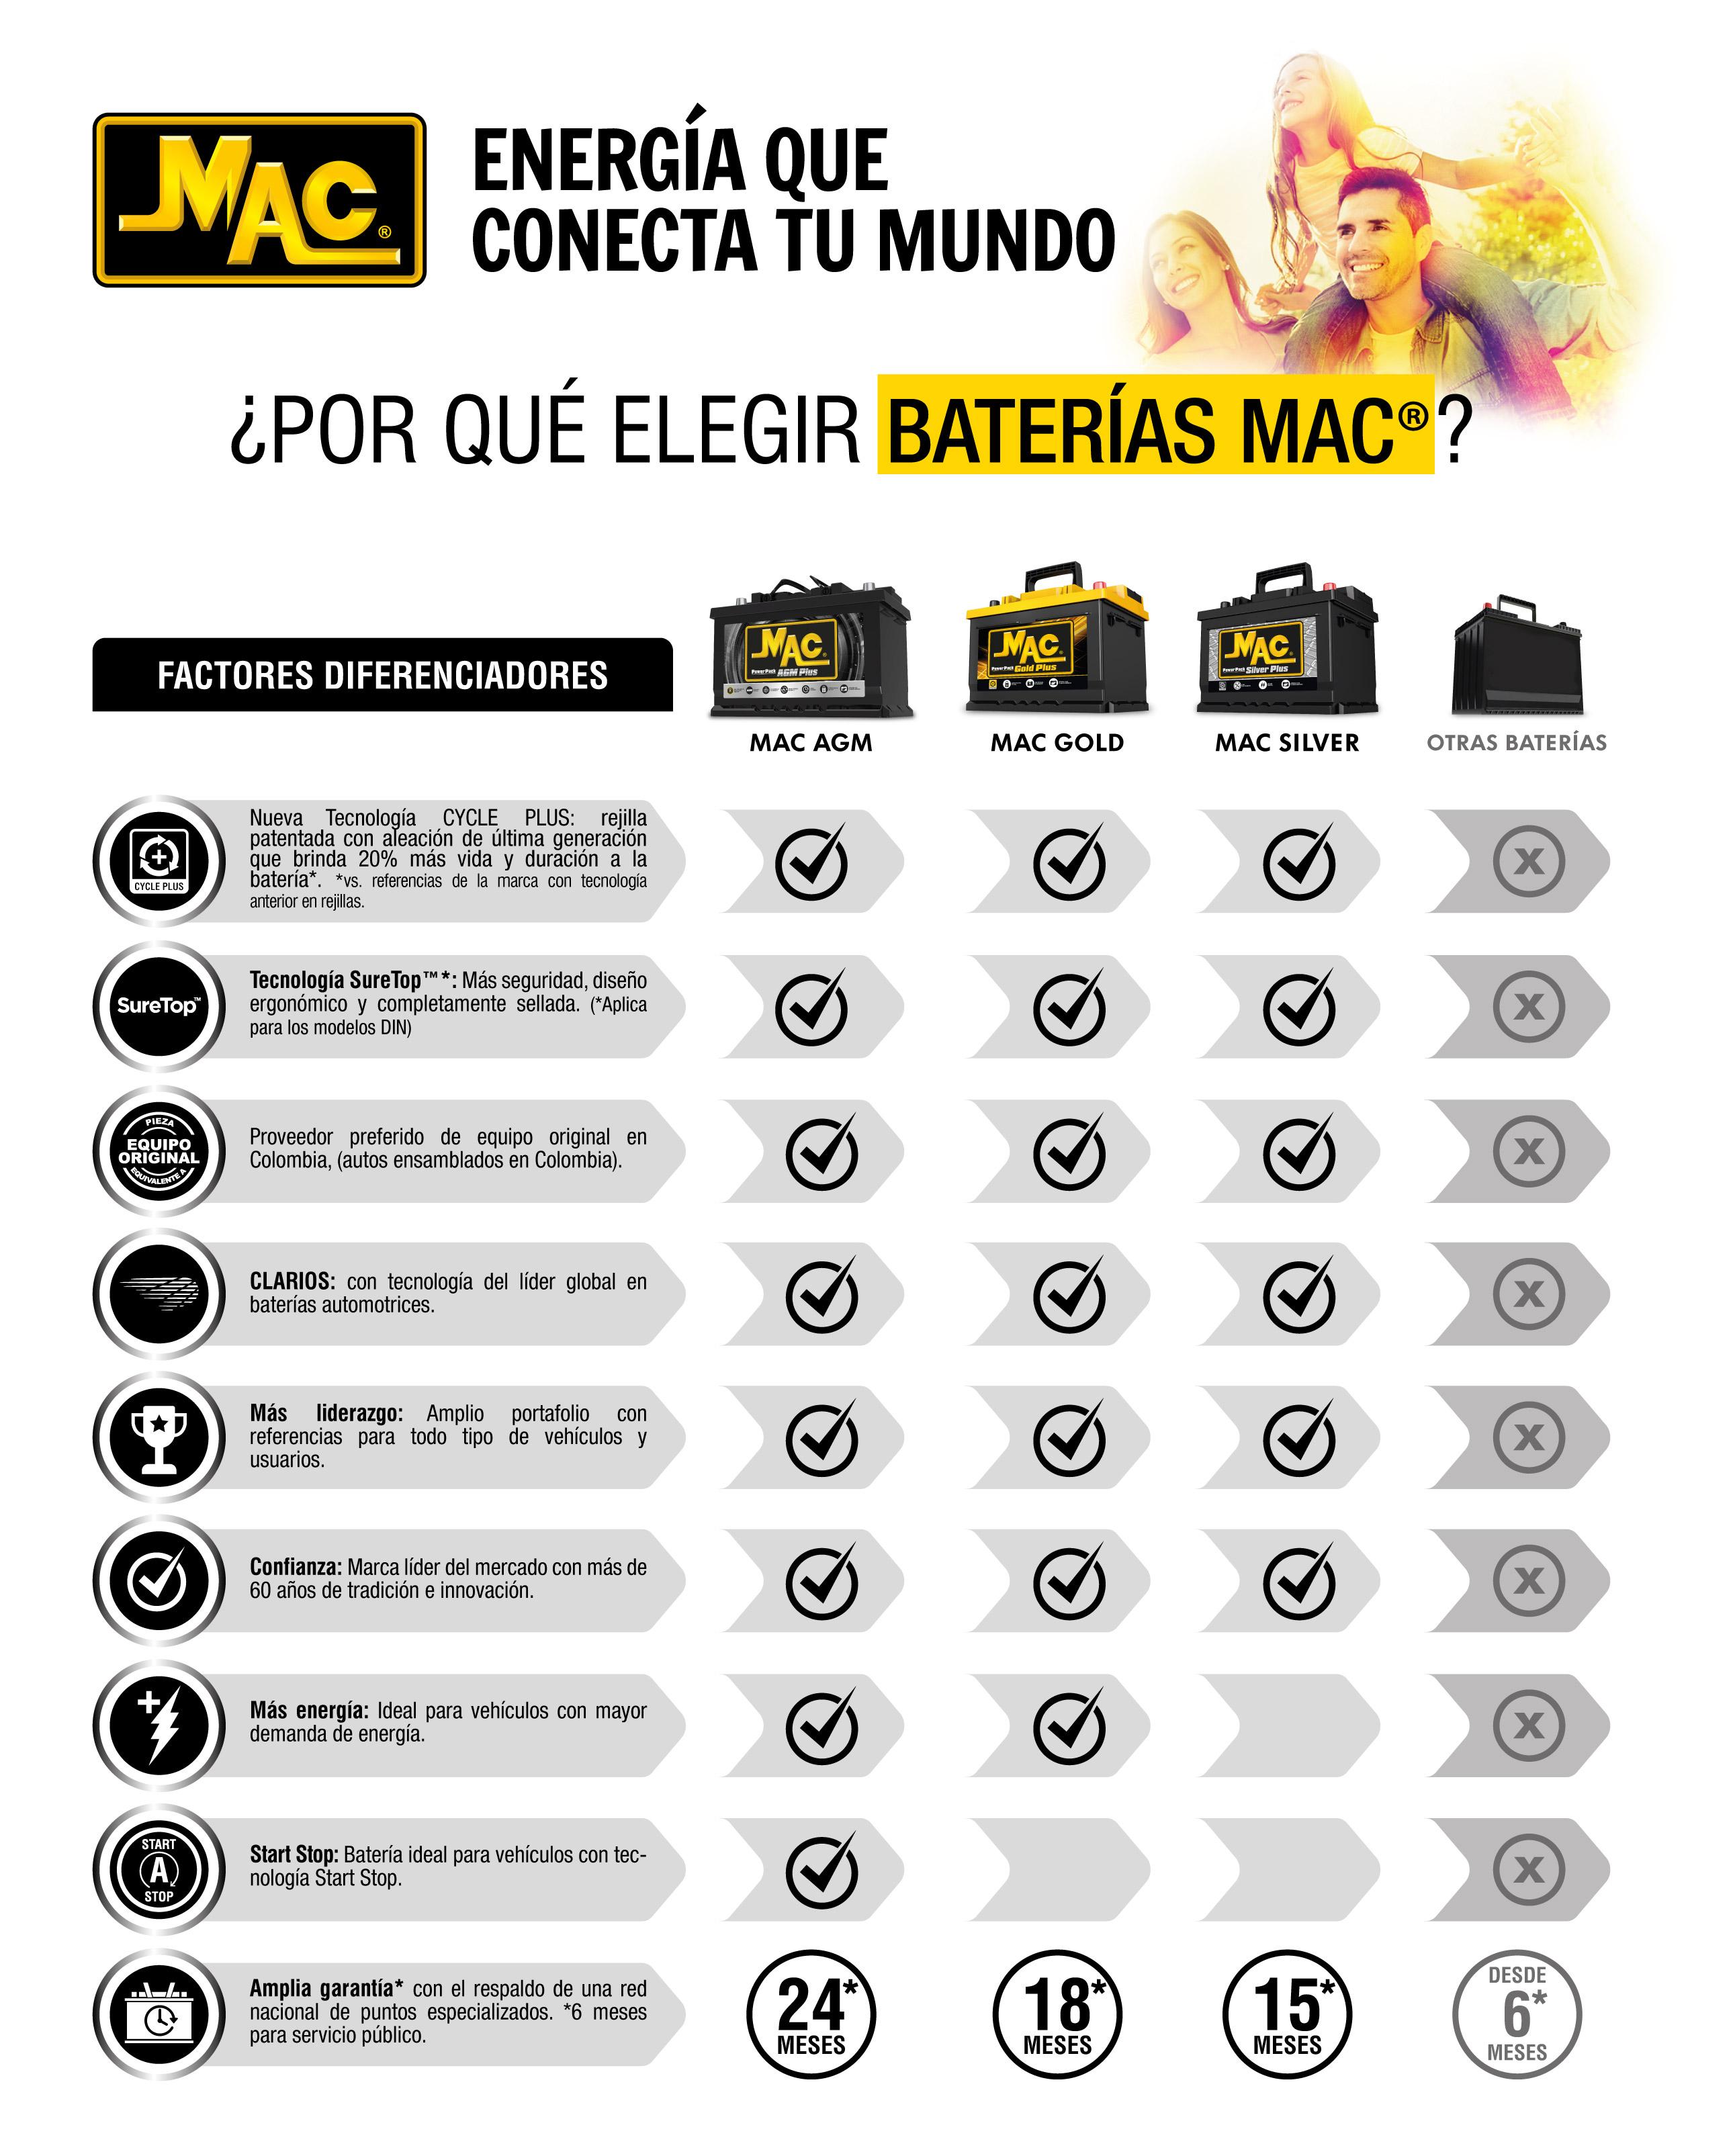 por que elegir baterias mac